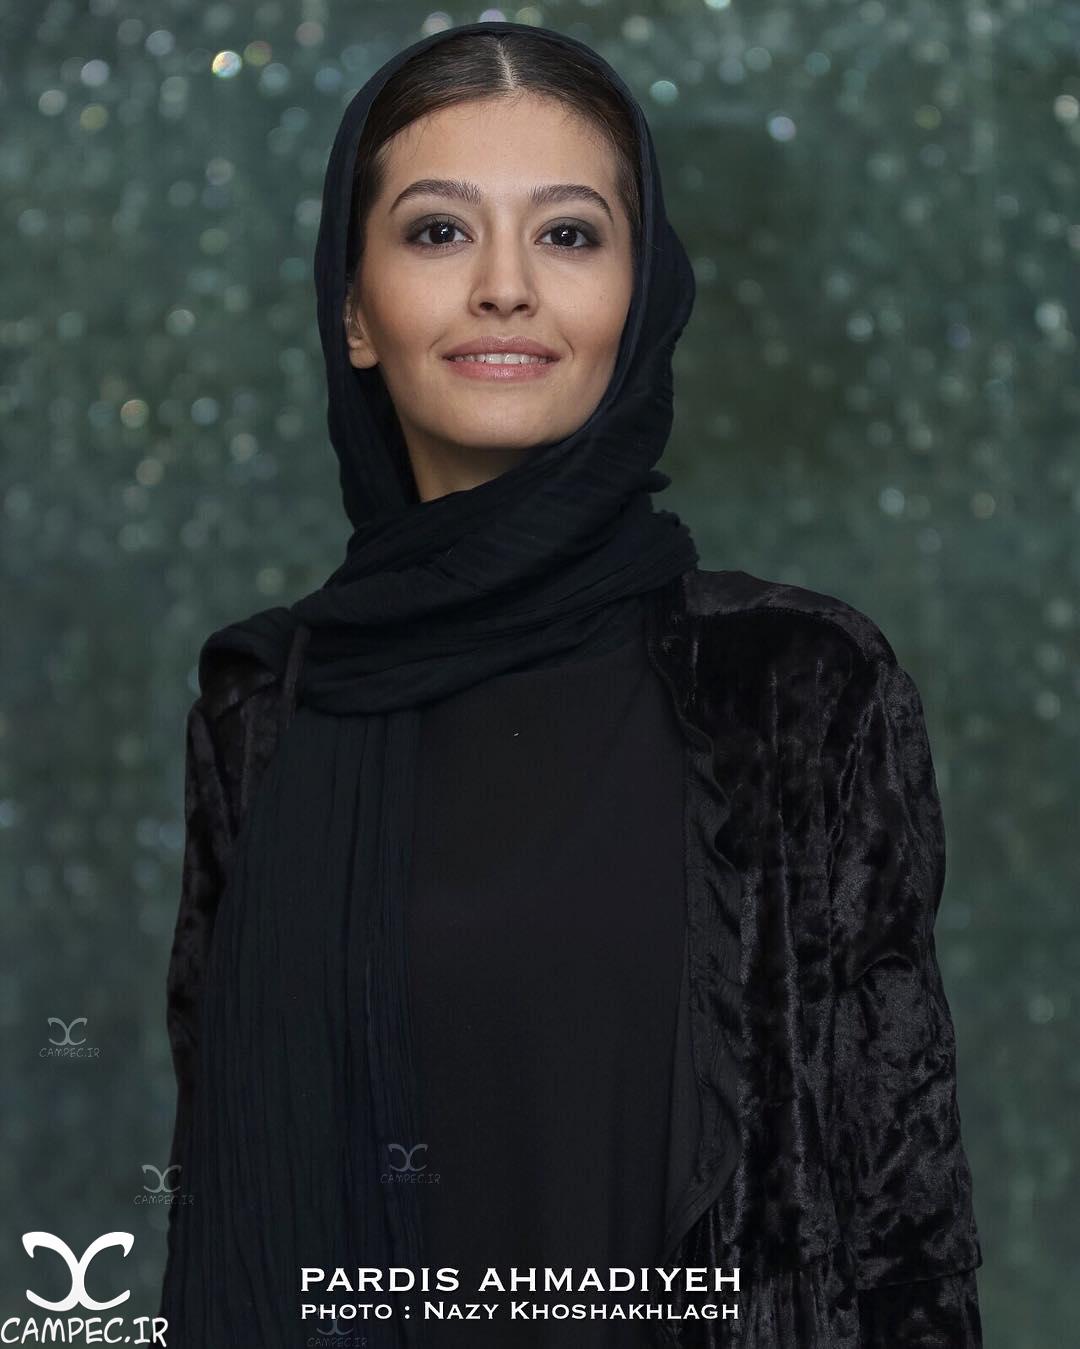 پردیس احمدیه در مراسم اکران فیلم لاک قرمز